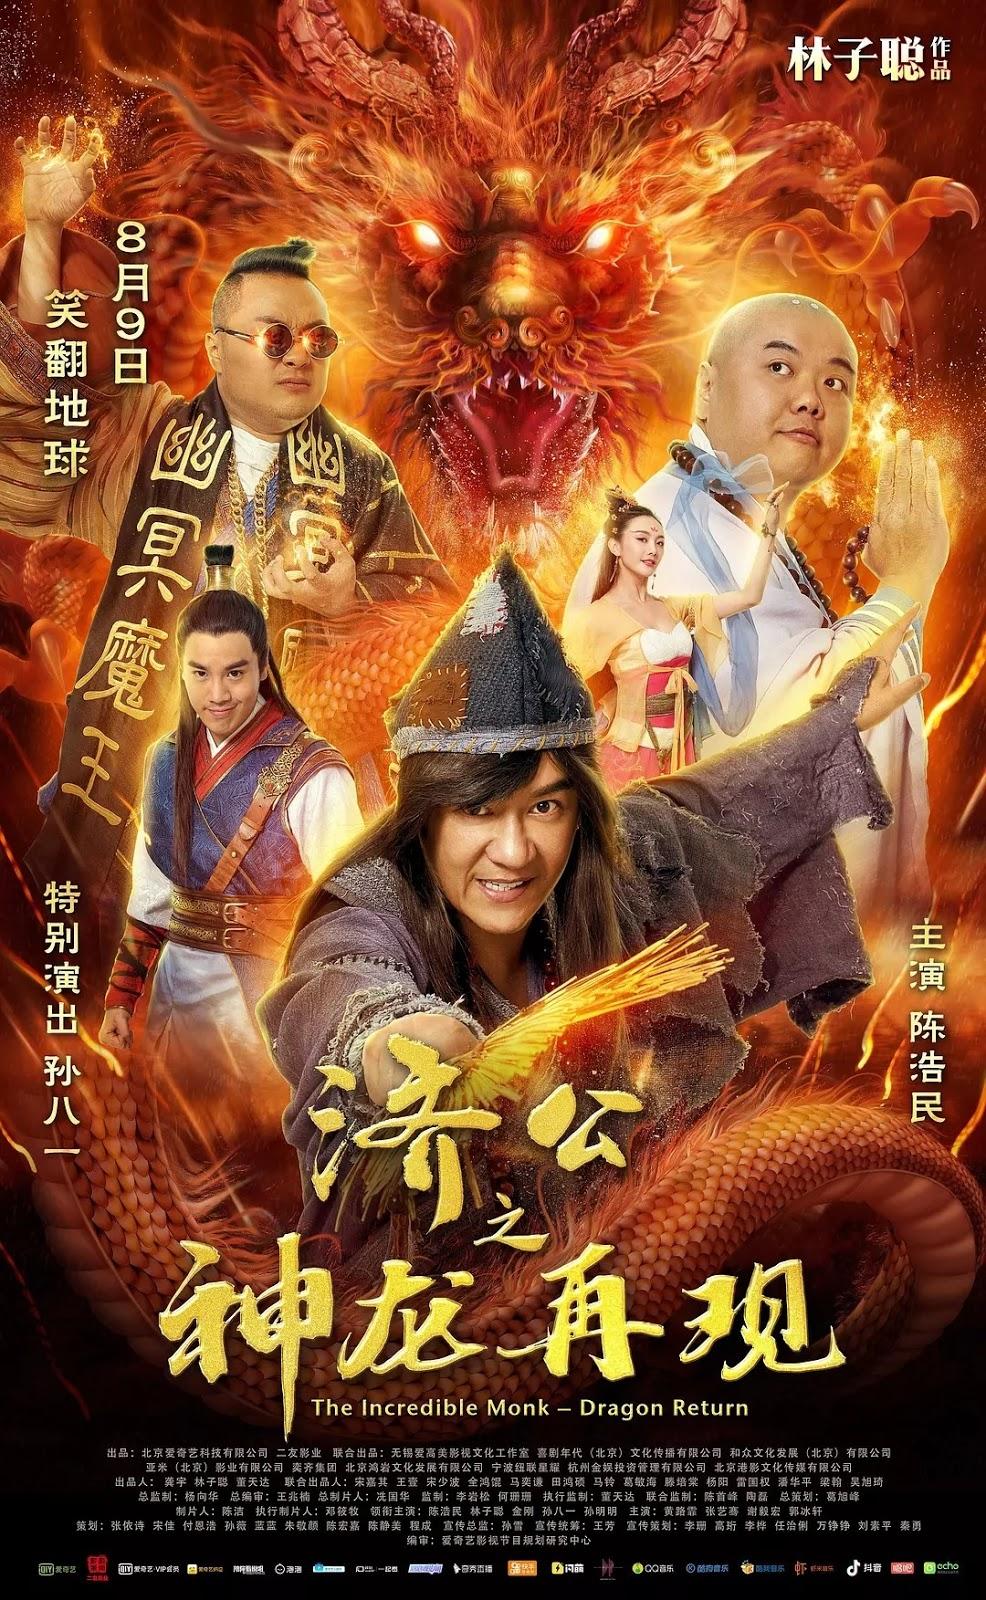 Xem Phim Tế Công 2: Thần Long Tái Xuất - The Incredible Monk: Dragon Return